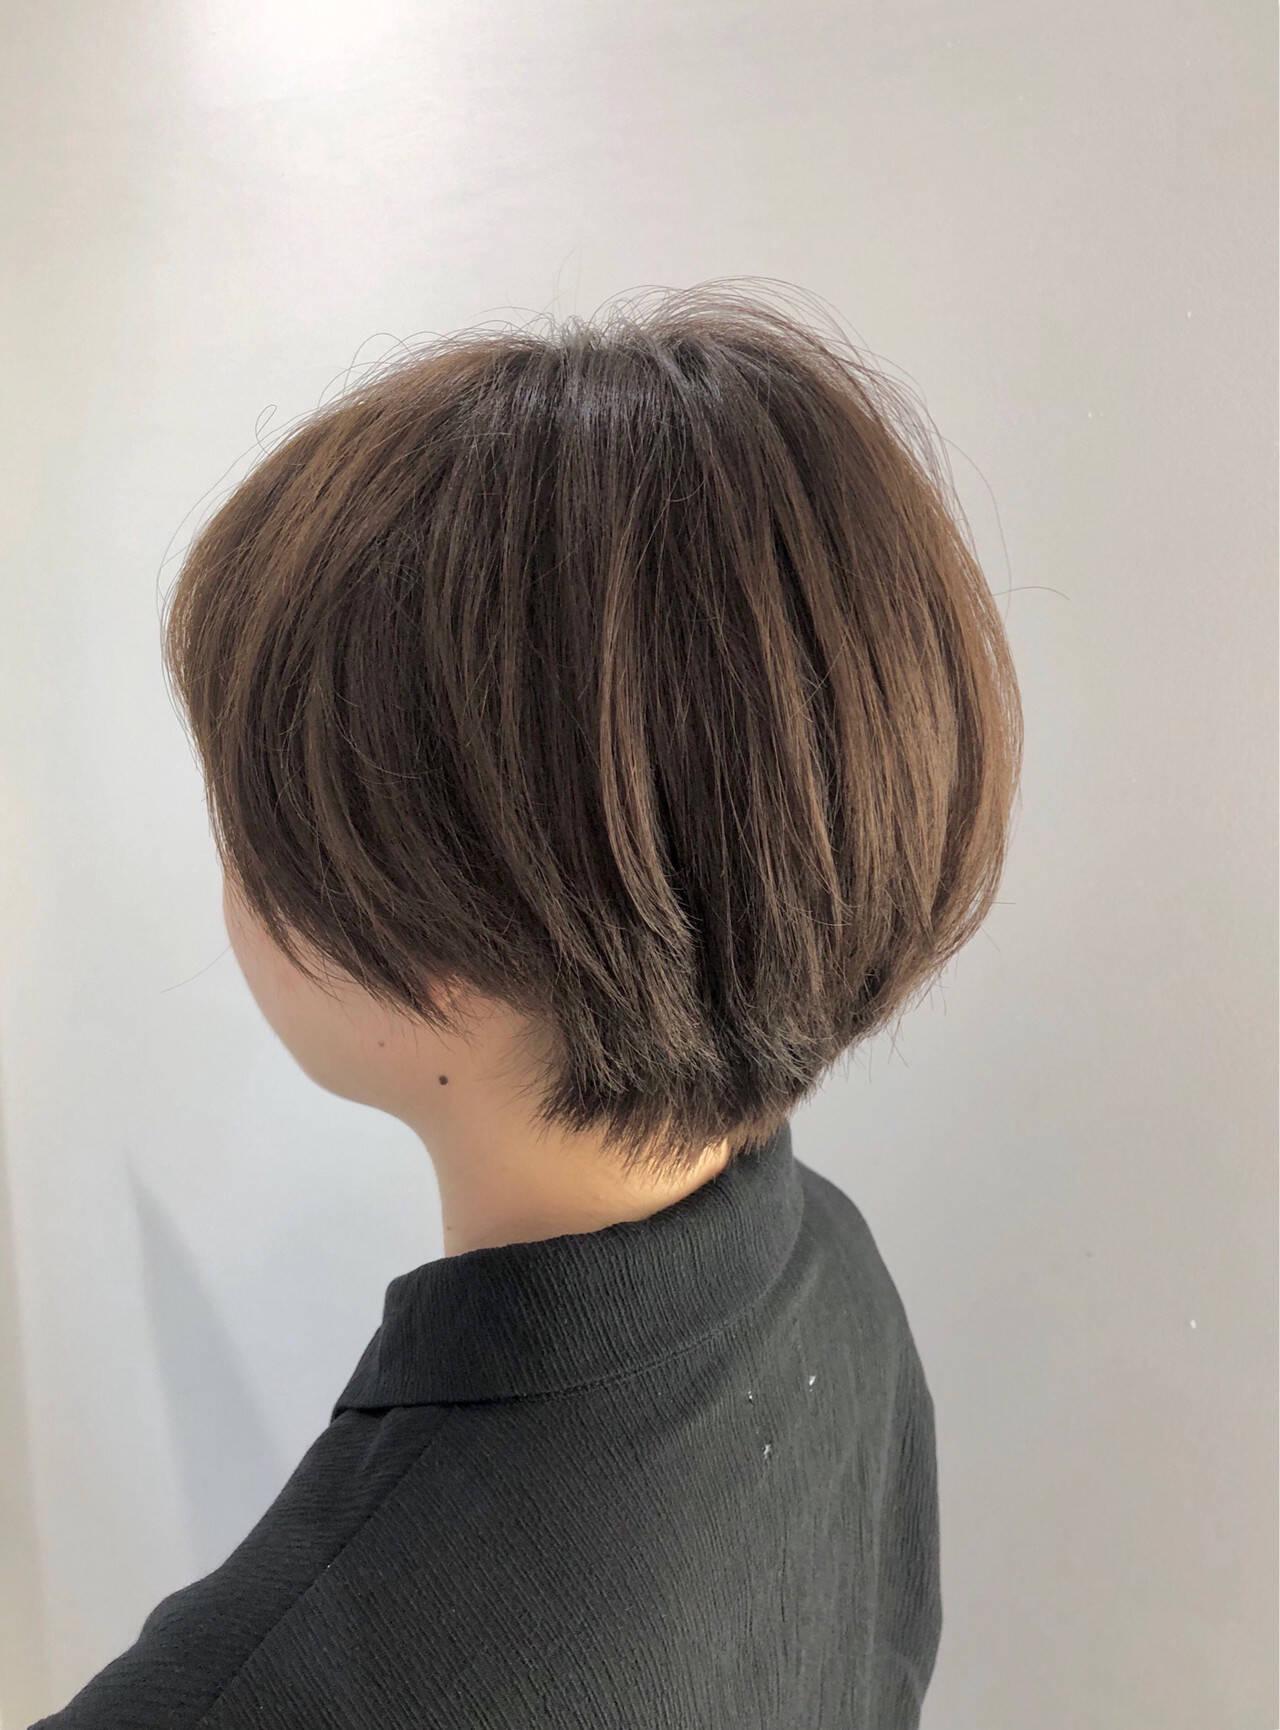 ナチュラル ショートボブ ショートヘア 艶カラーヘアスタイルや髪型の写真・画像